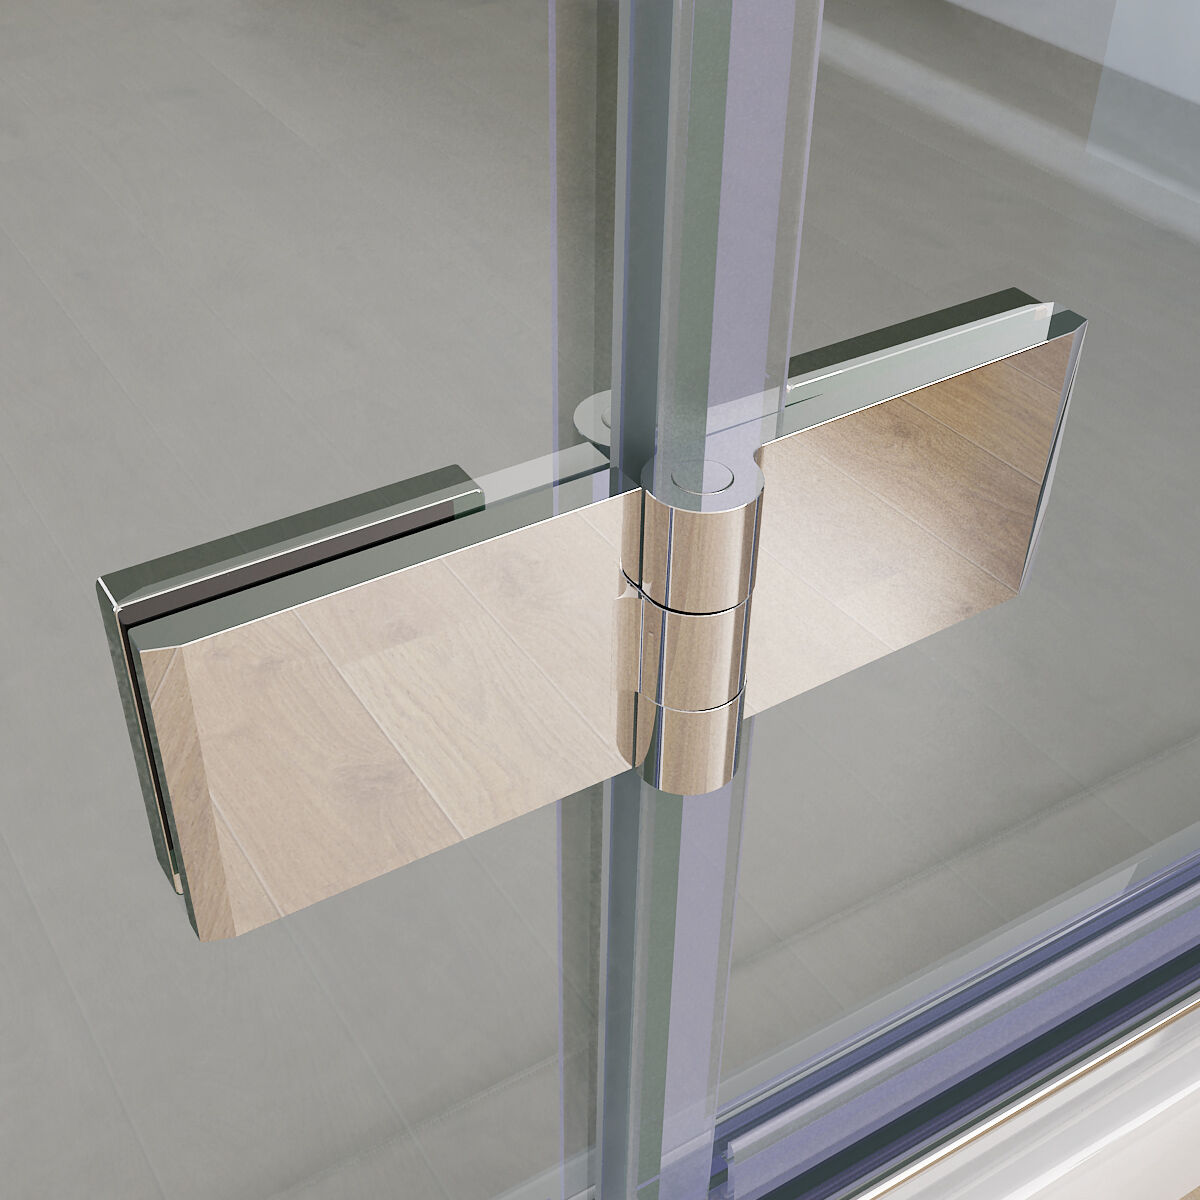 duschkabine runddusche duschabtrennung echtglas viertelkreis faltt r 80x80 90x90 ebay. Black Bedroom Furniture Sets. Home Design Ideas